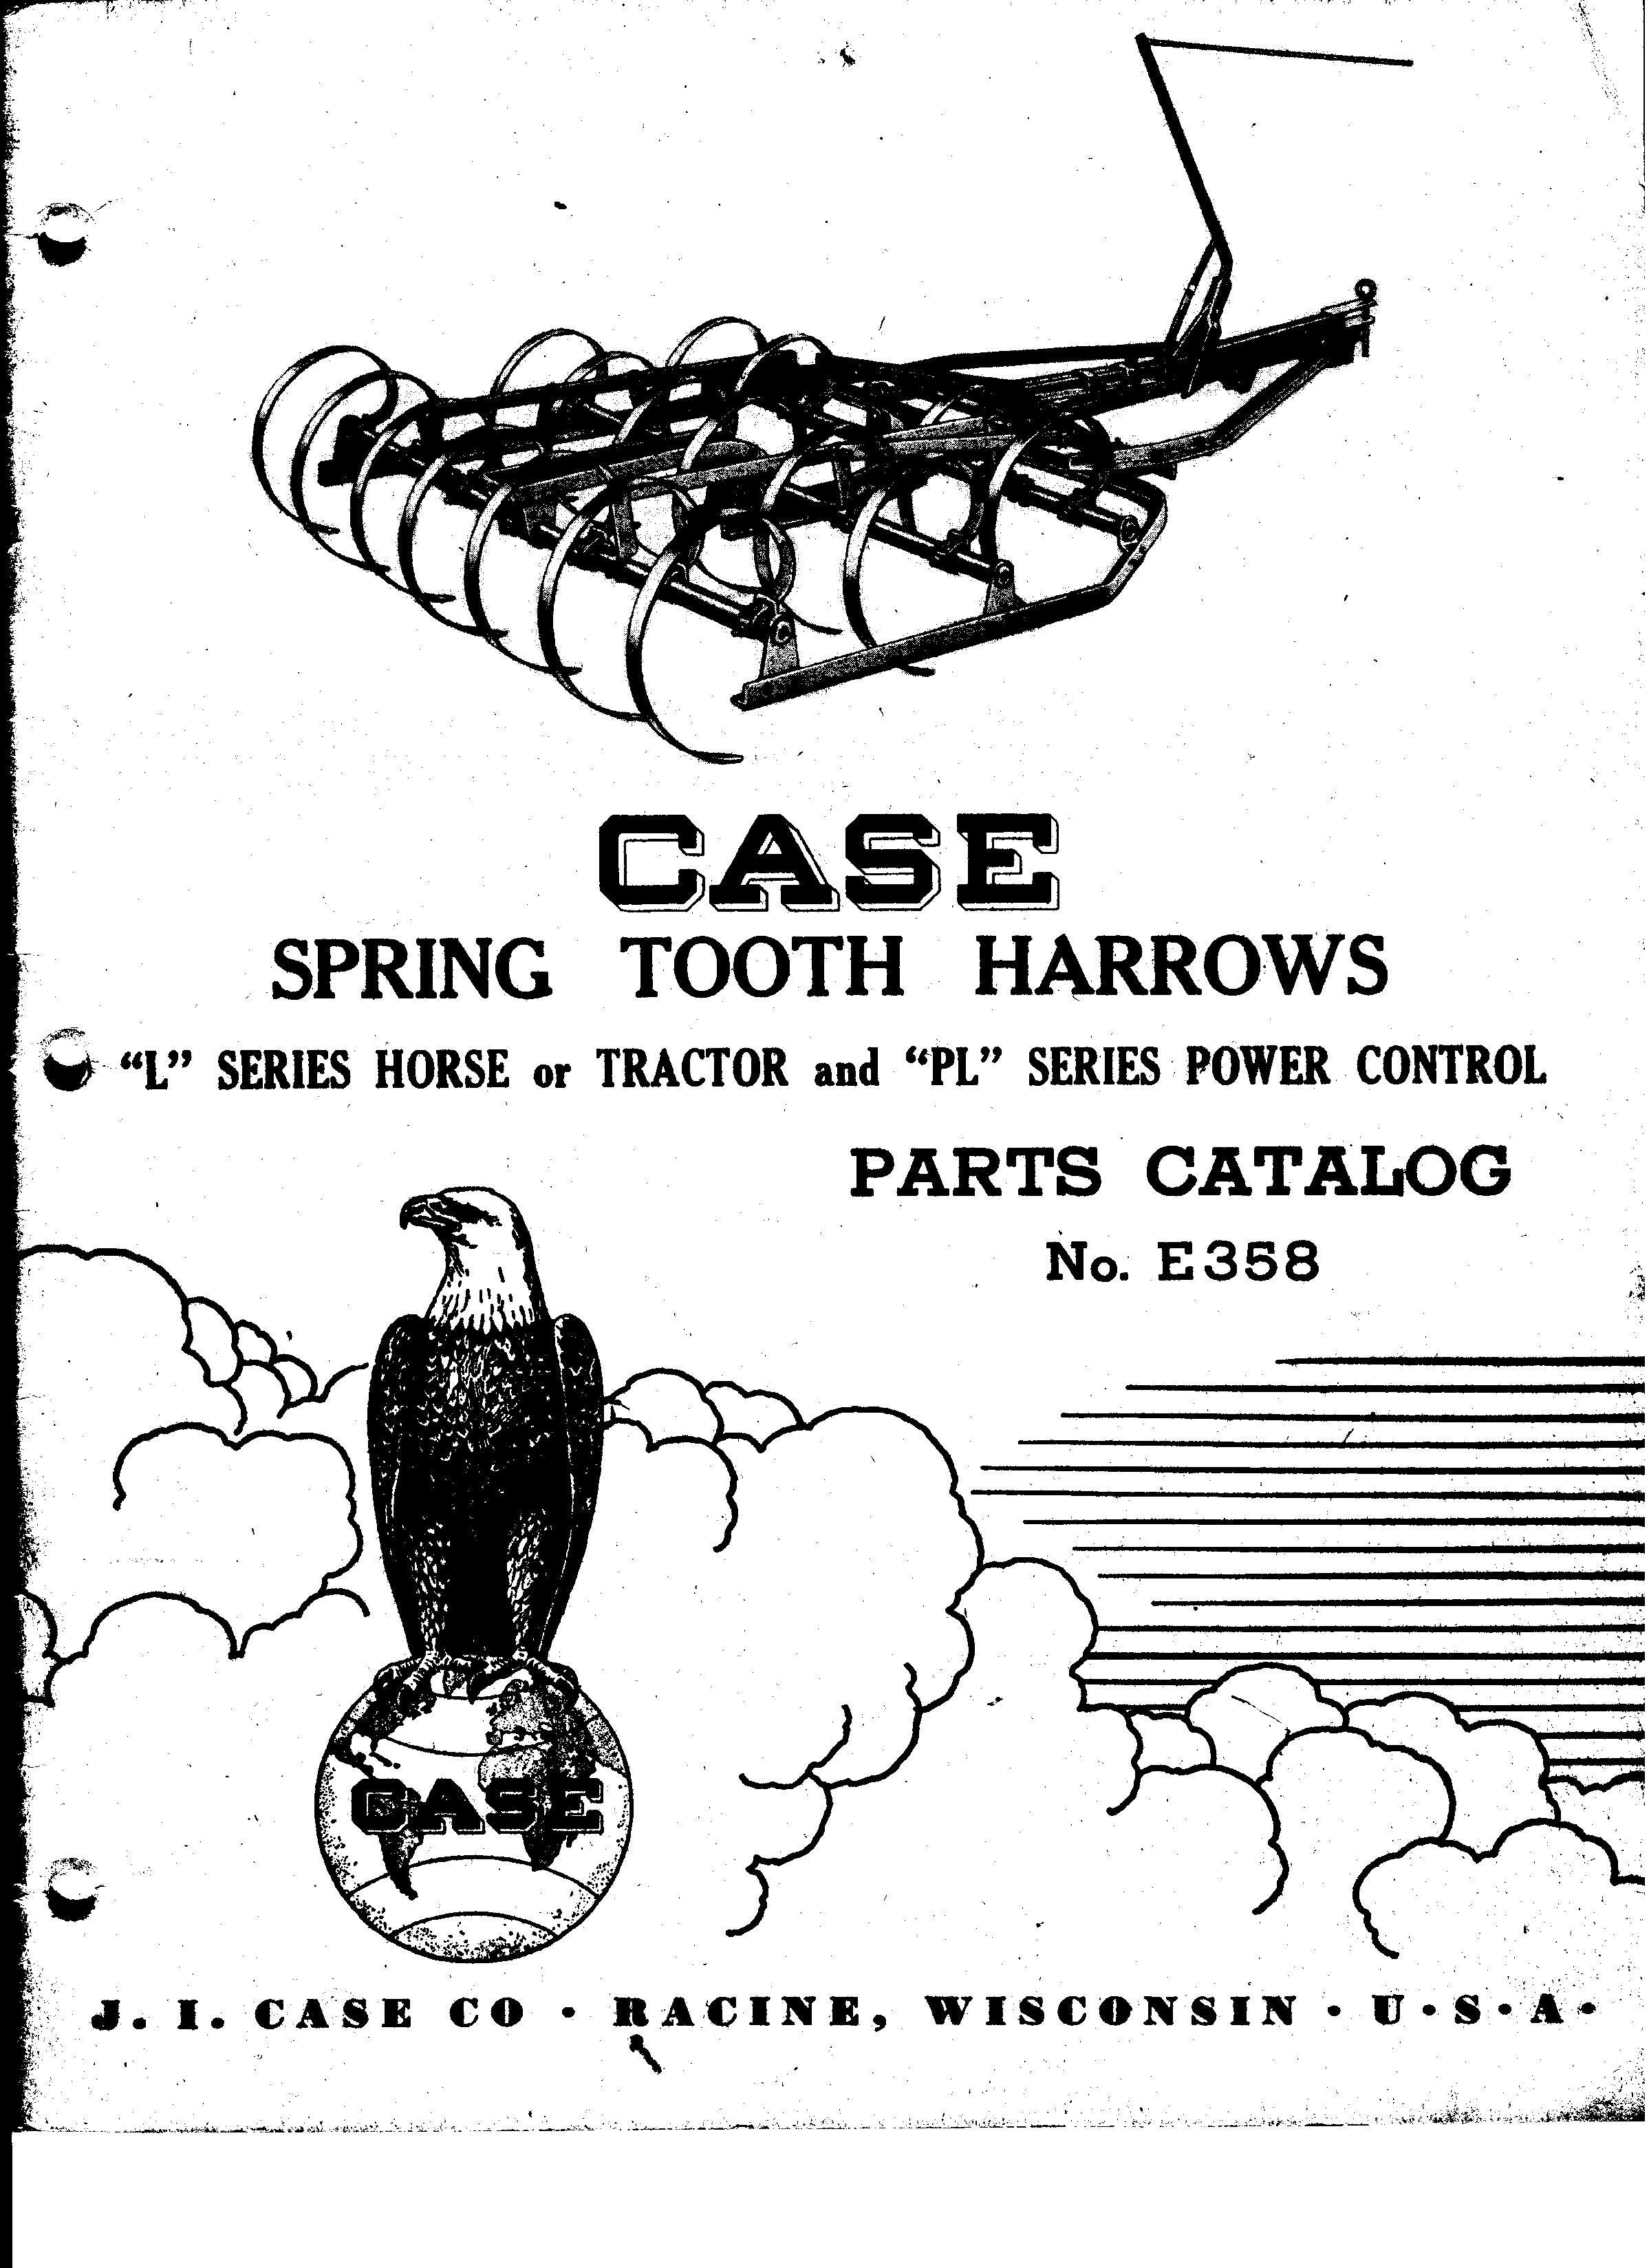 Case Horse Or Tractor Spring Tooth Harrows Original Parts